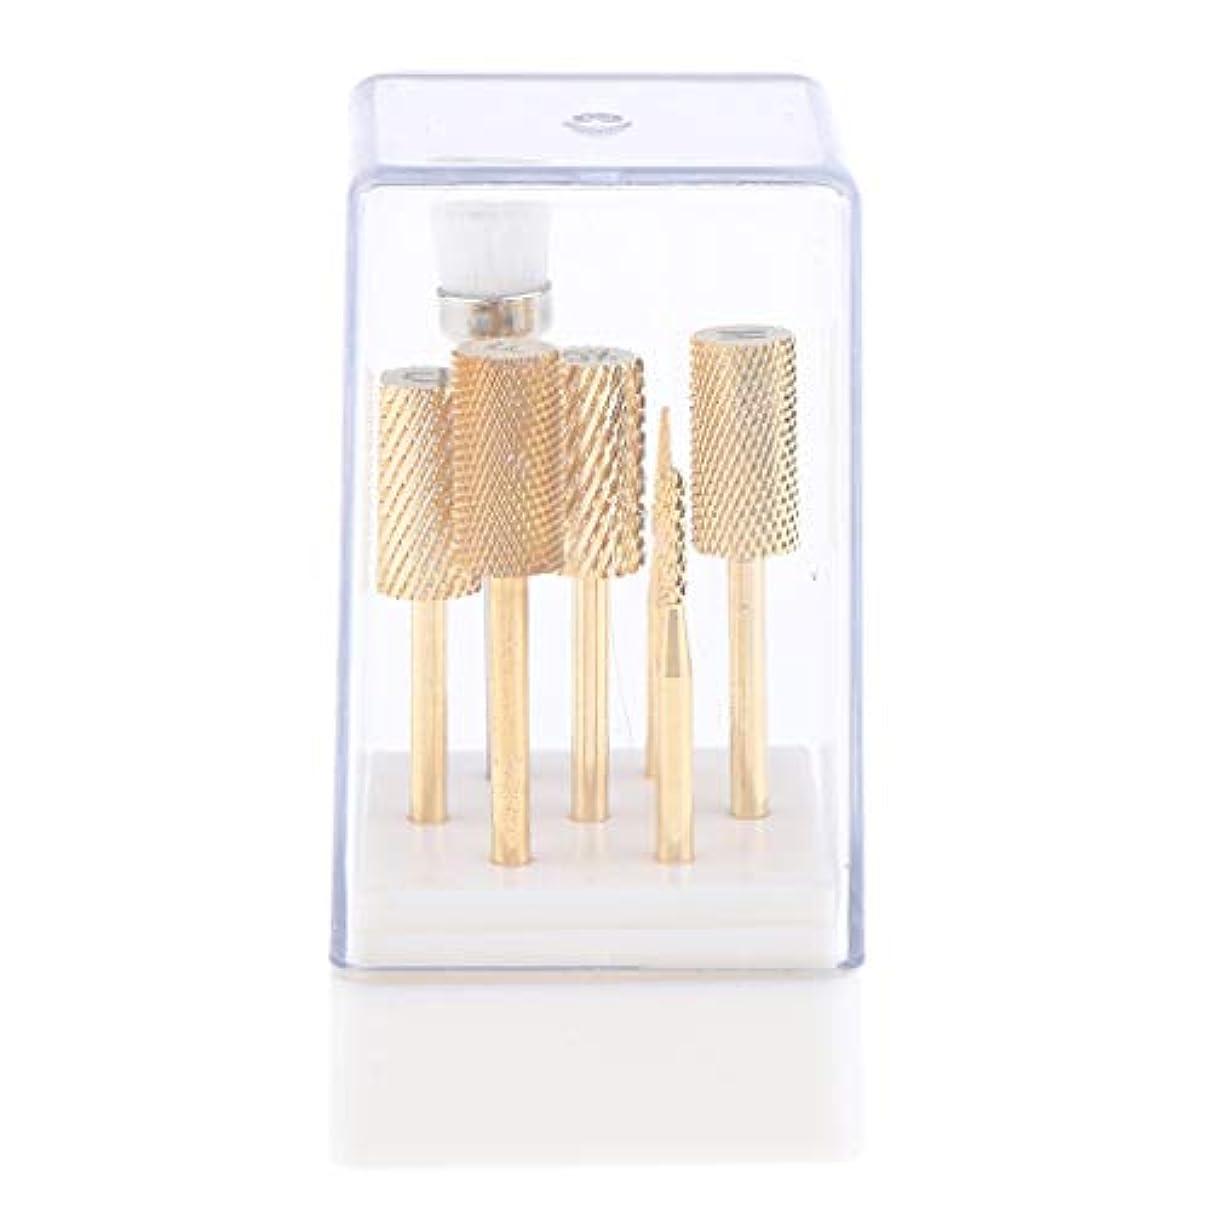 有害信条めまい7点 ネイルドリルビット 電動ネイルマシン適用 ゴールド ケース付き